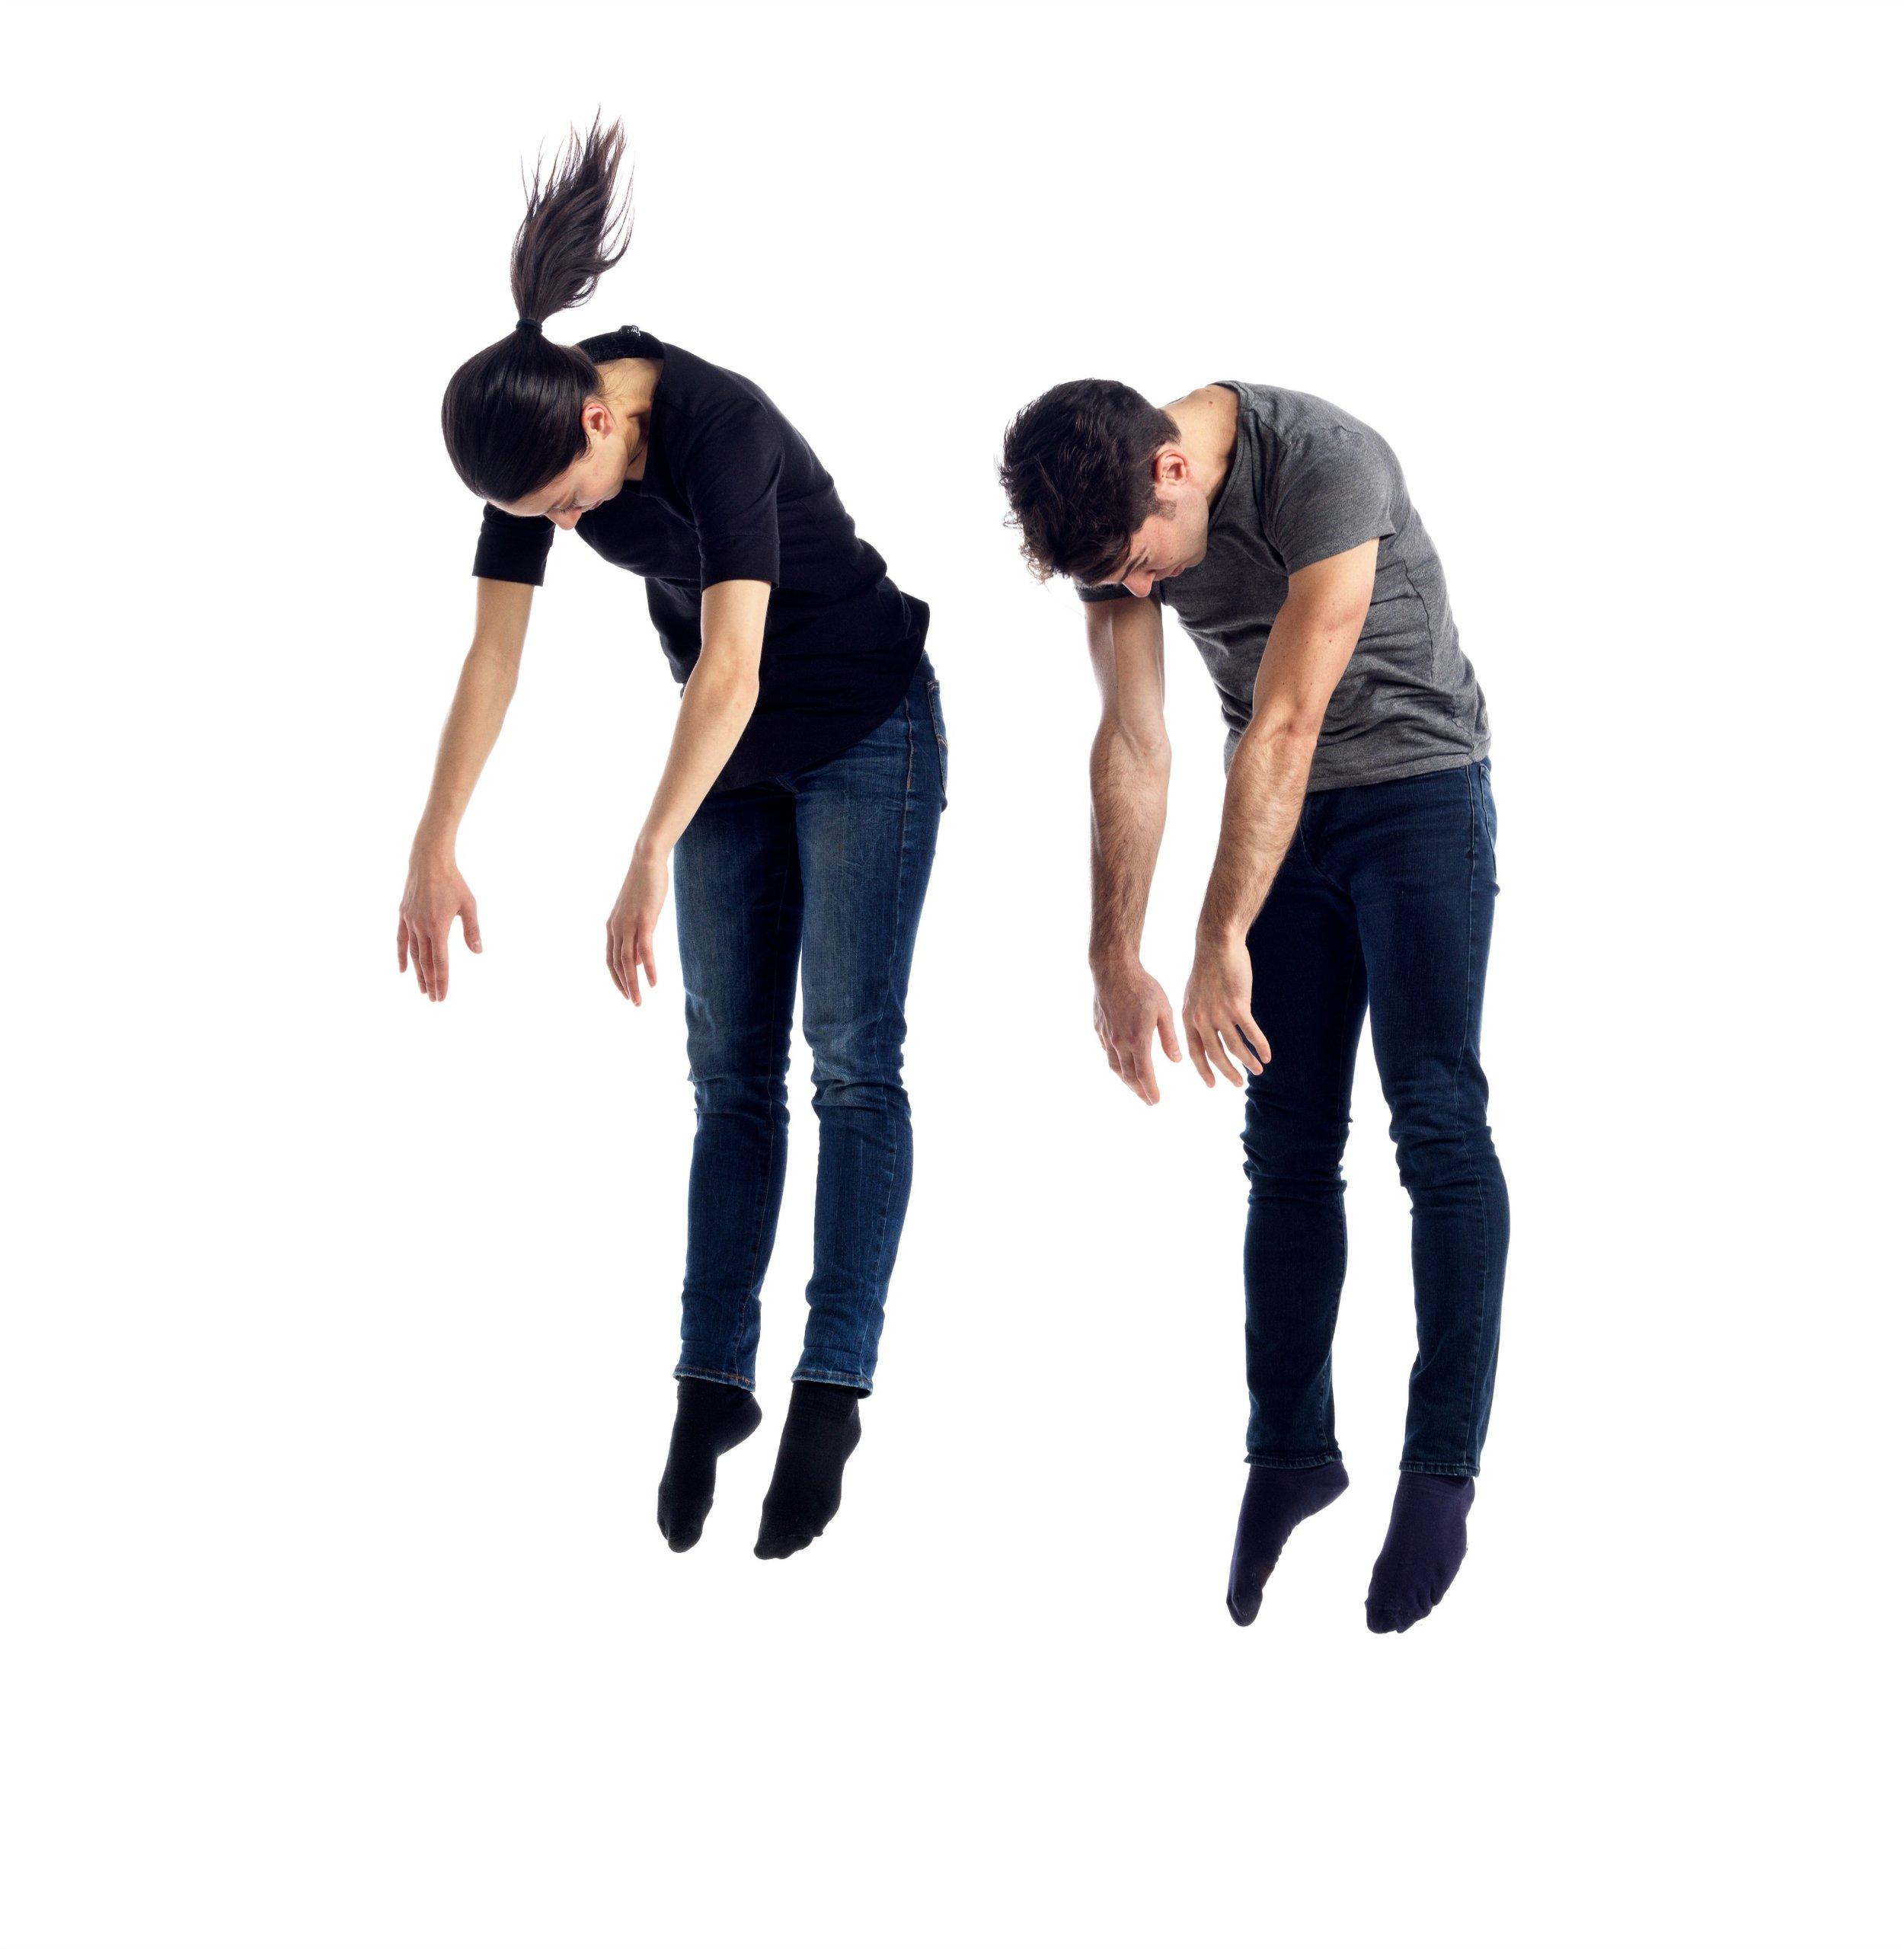 LEG UP!juan-villegas -choreo-jmp-up.jpg